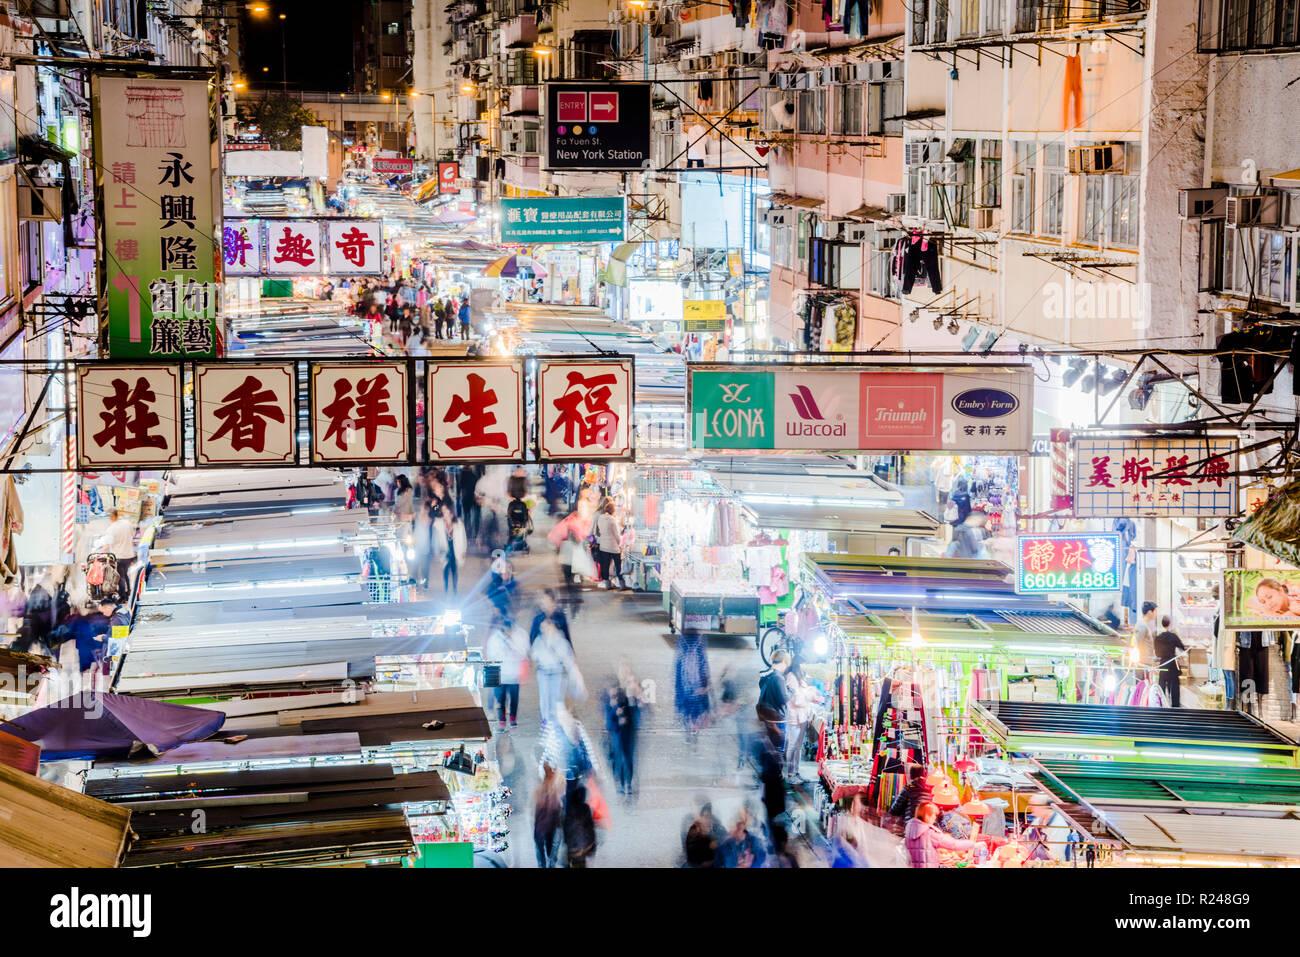 Fa Yuen Street Market, Kowloon, Hong Kong, China, Asia - Stock Image